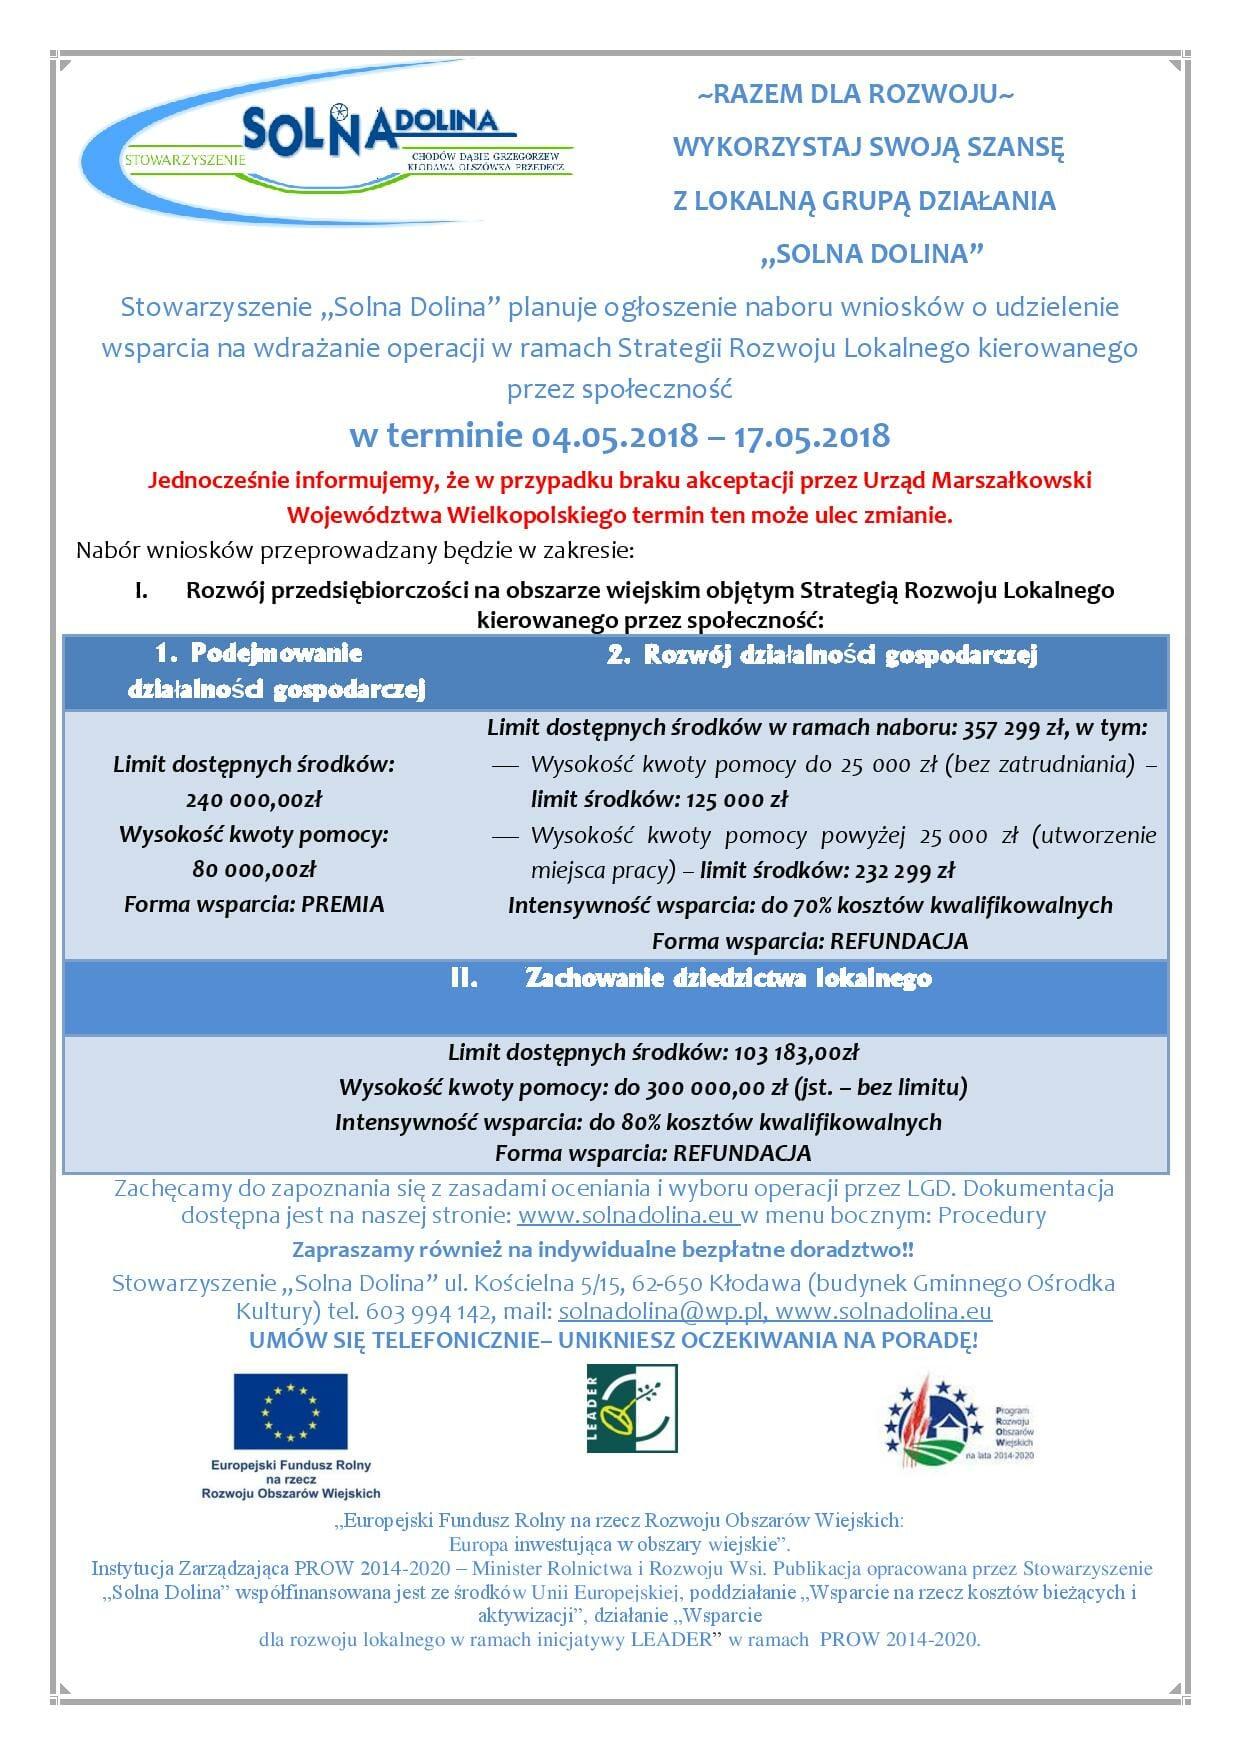 """Już wkrótce Stowarzyszenie """"Solna Dolina"""" planuje ogłoszenie naboru wniosków o przyznanie pomocy na wdrażanie operacji w ramach Strategii Rozwoju Lokalnego kierowanego przez społeczność"""